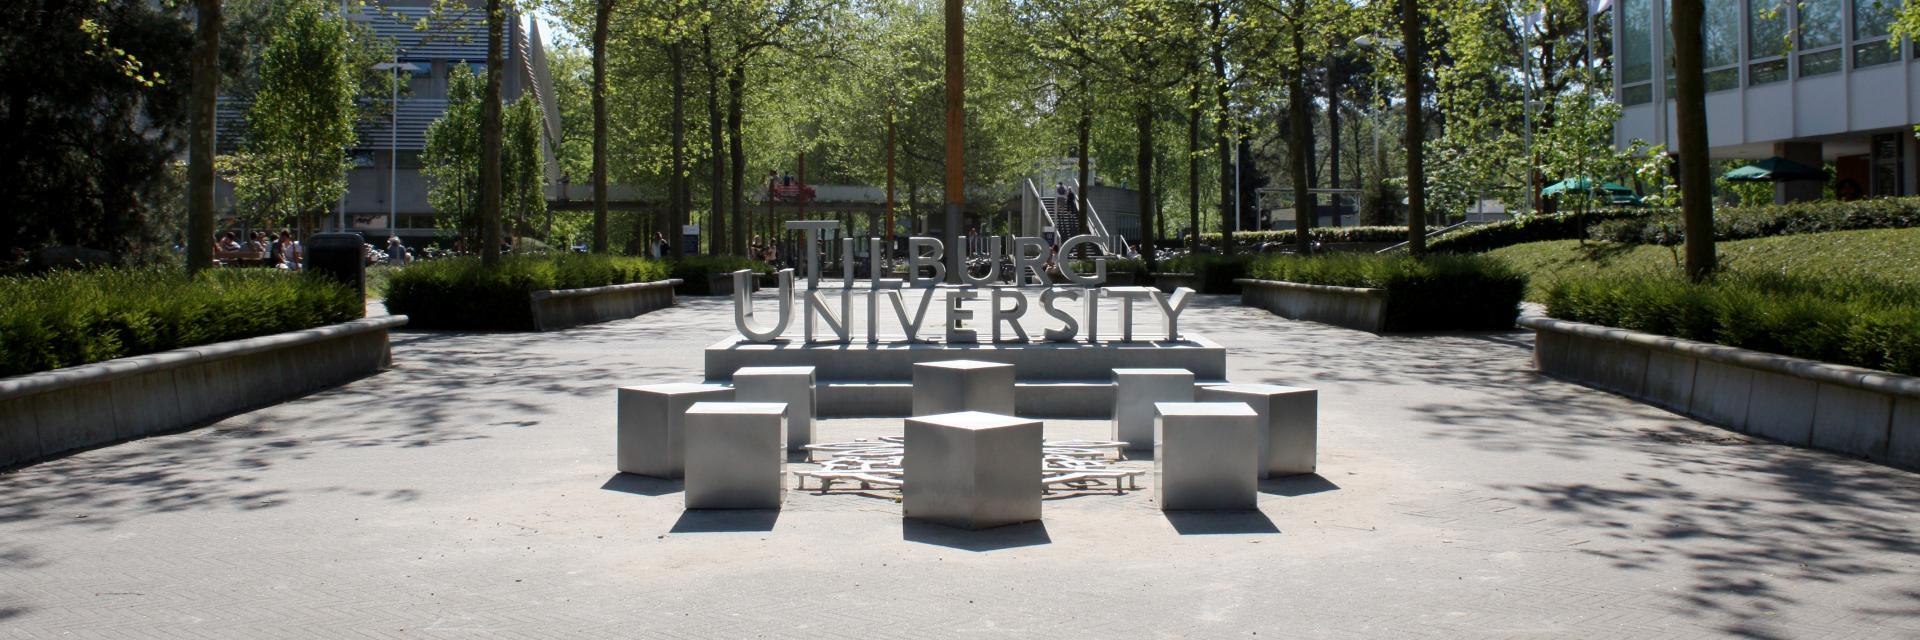 TilburgU logo